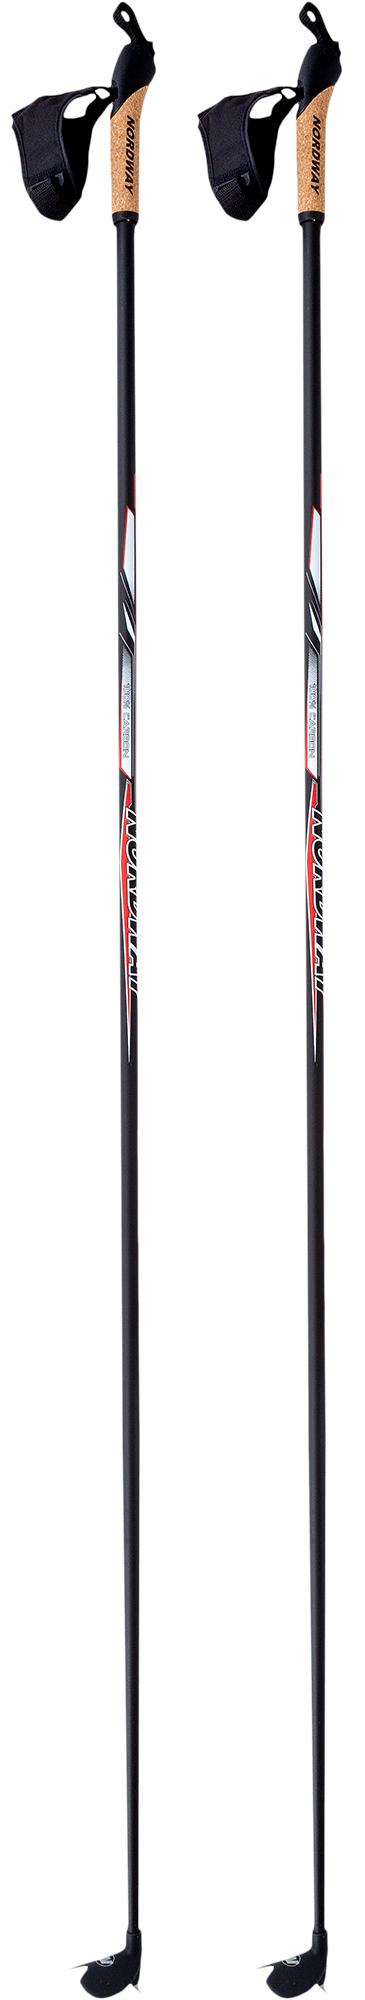 Nordway Палки для беговых лыж Nordway Race Skate Carbone палки для беговых лыж женские nordway vega